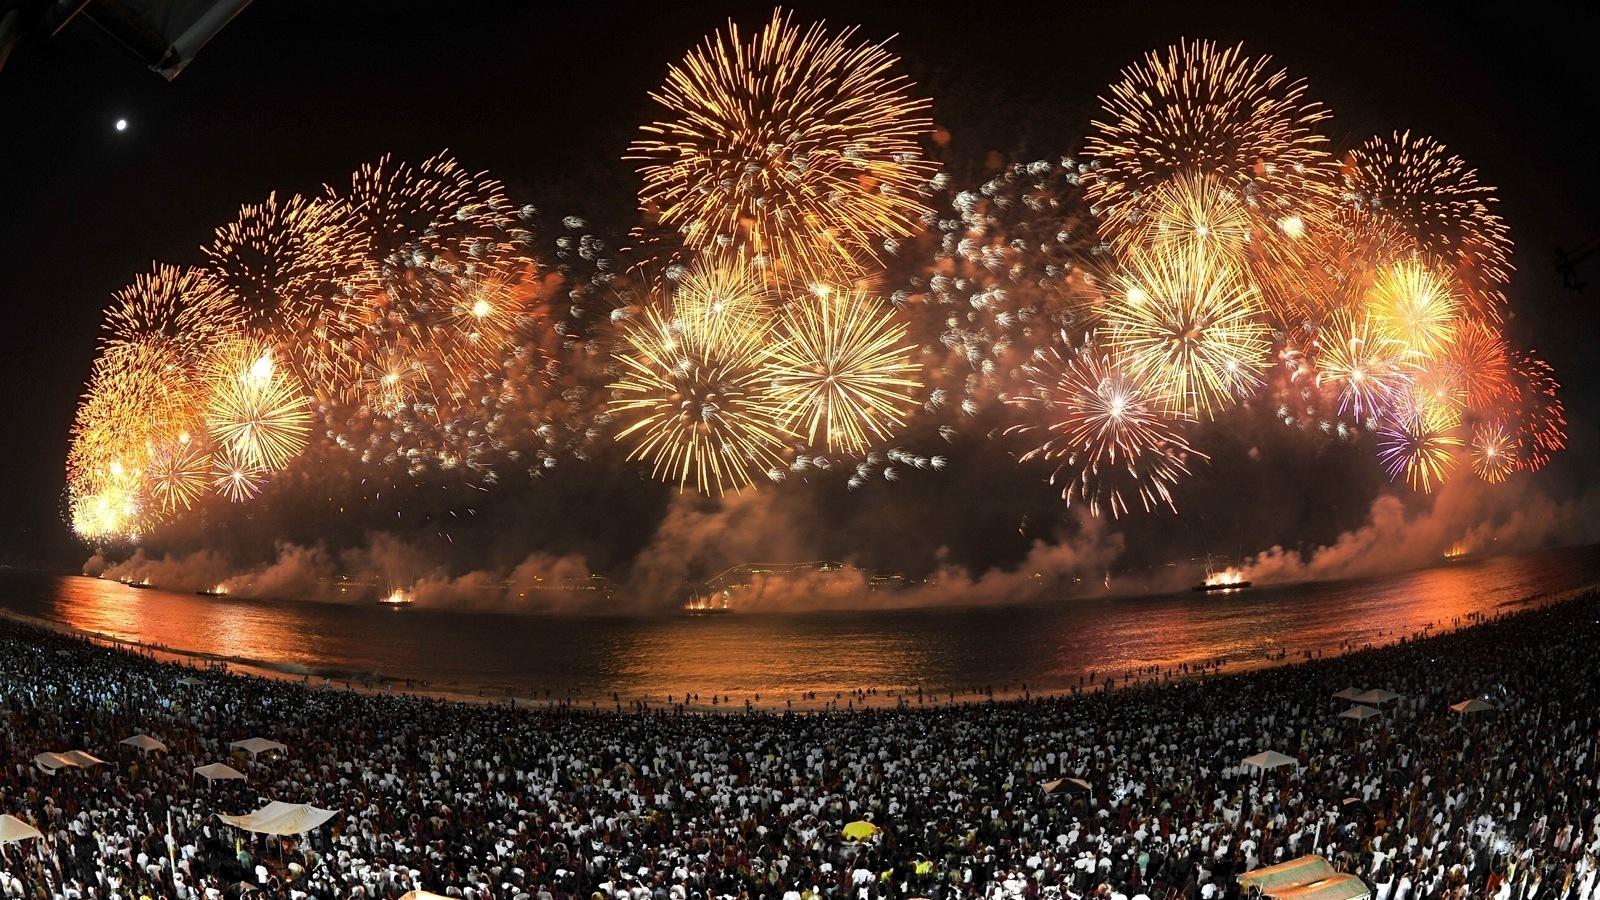 Capodanno: i fuochi d'artificio più belli del mondo - Rio de janeiro-nye